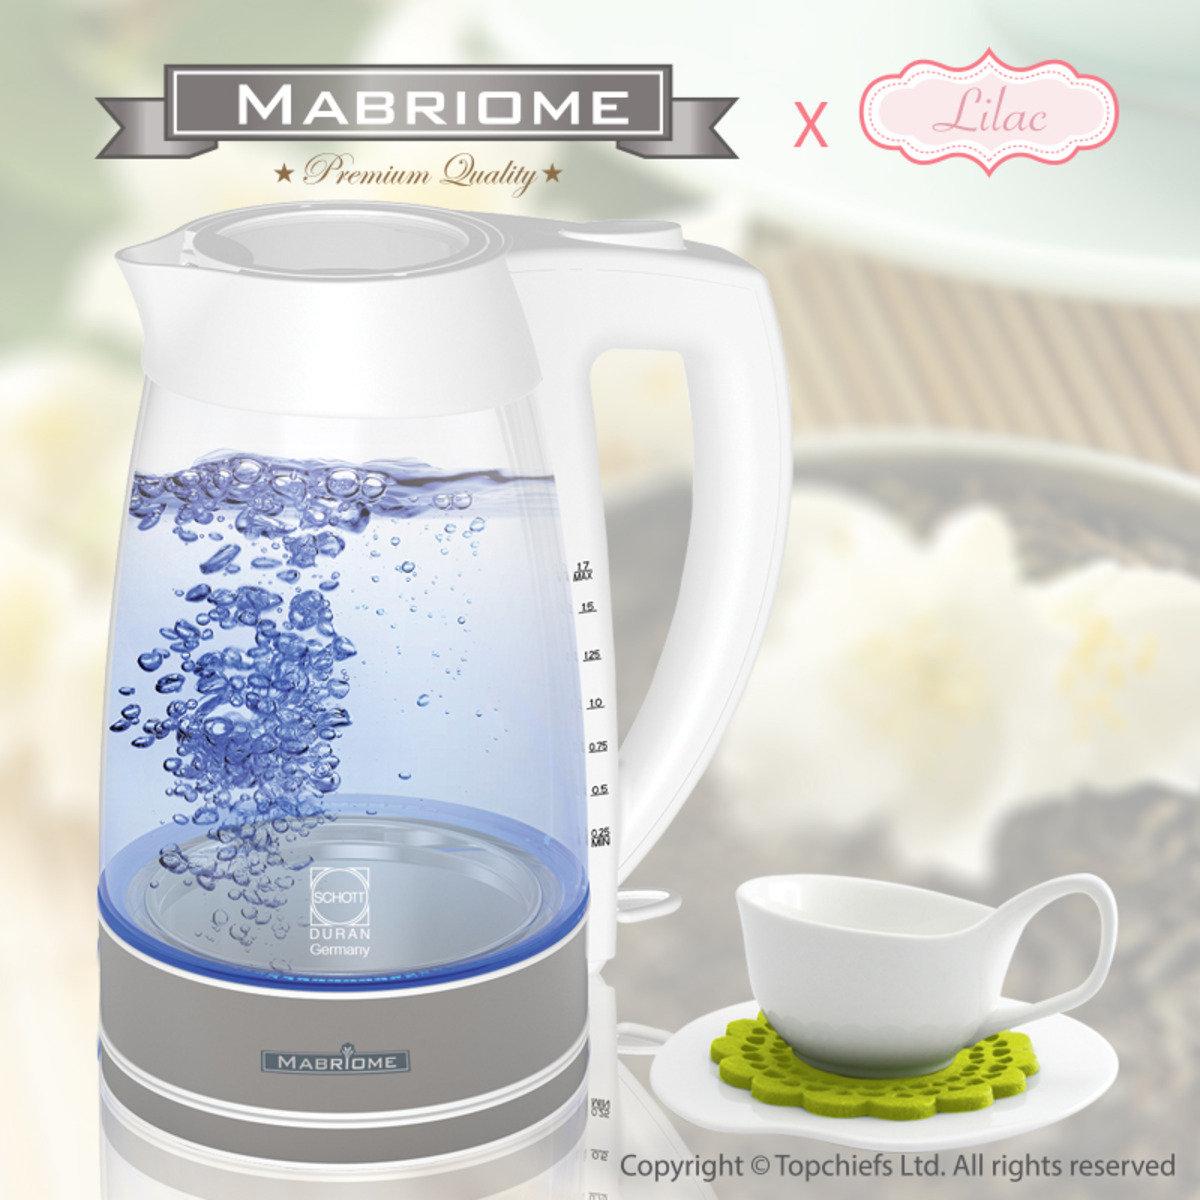 電熱玻璃水煲(發藍光) + 白色茶杯套裝配絨毛杯墊